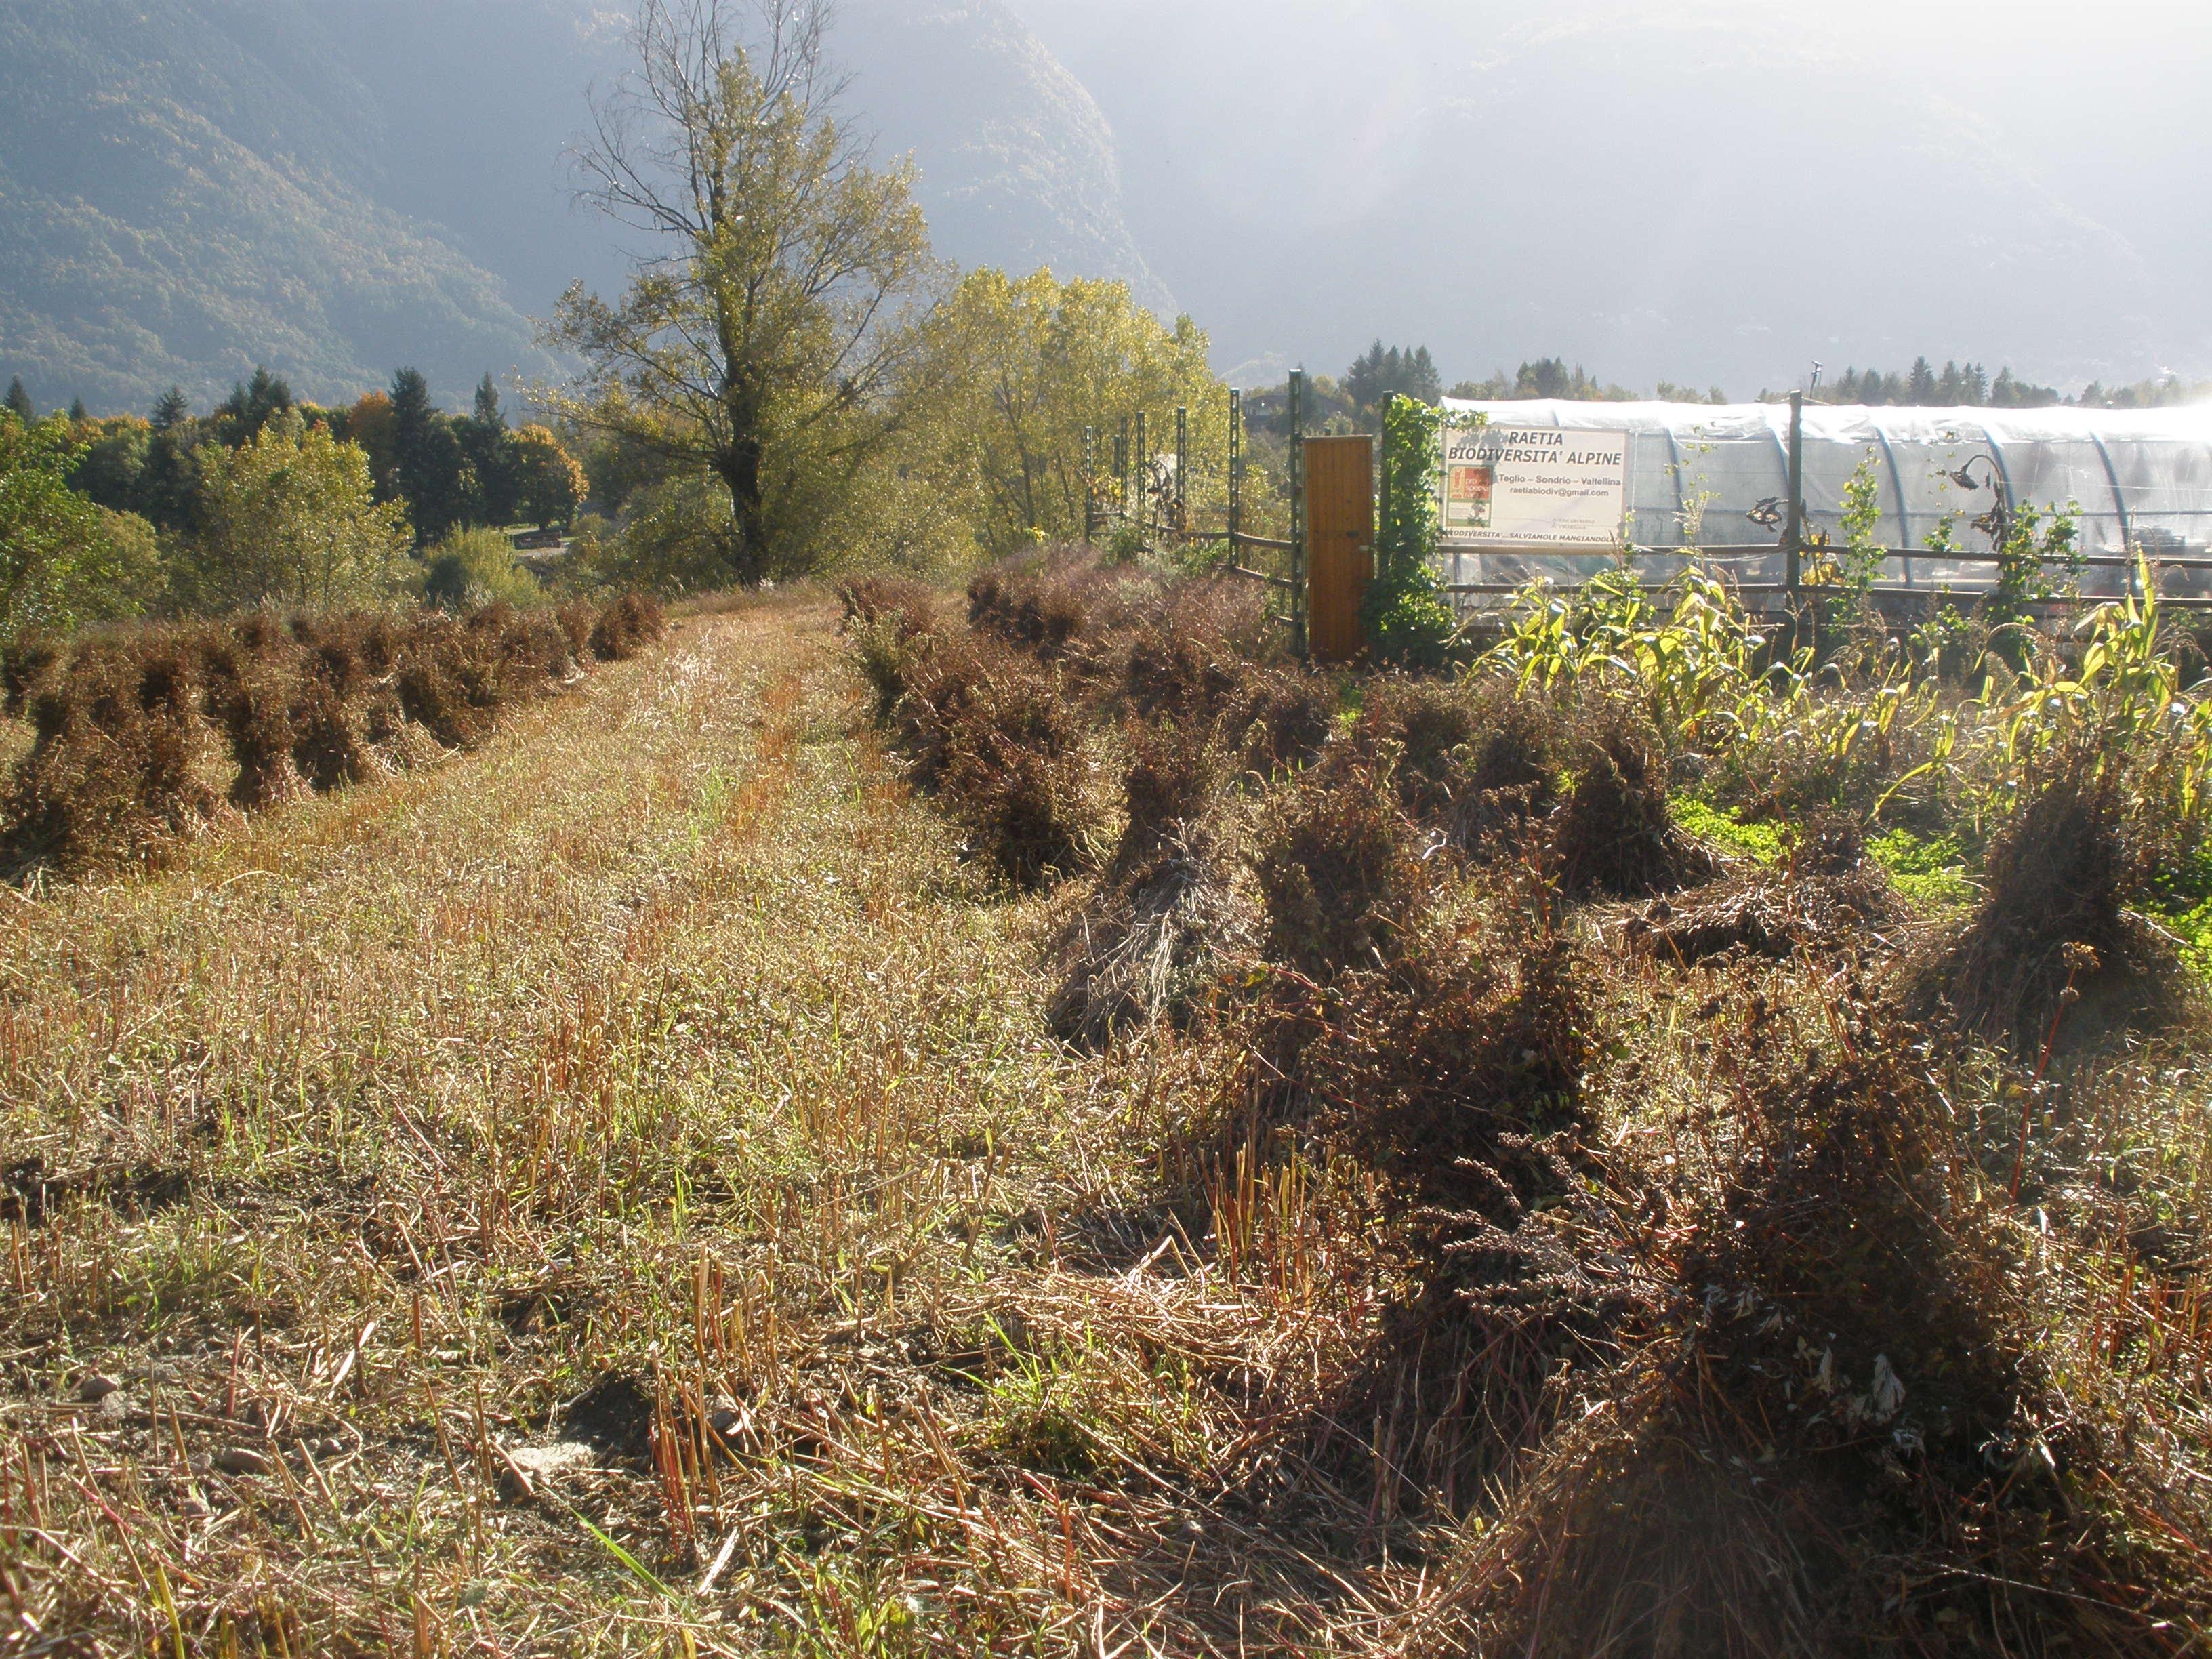 Raetia Biodiversità Alpine - Casele di Grano Saraceno